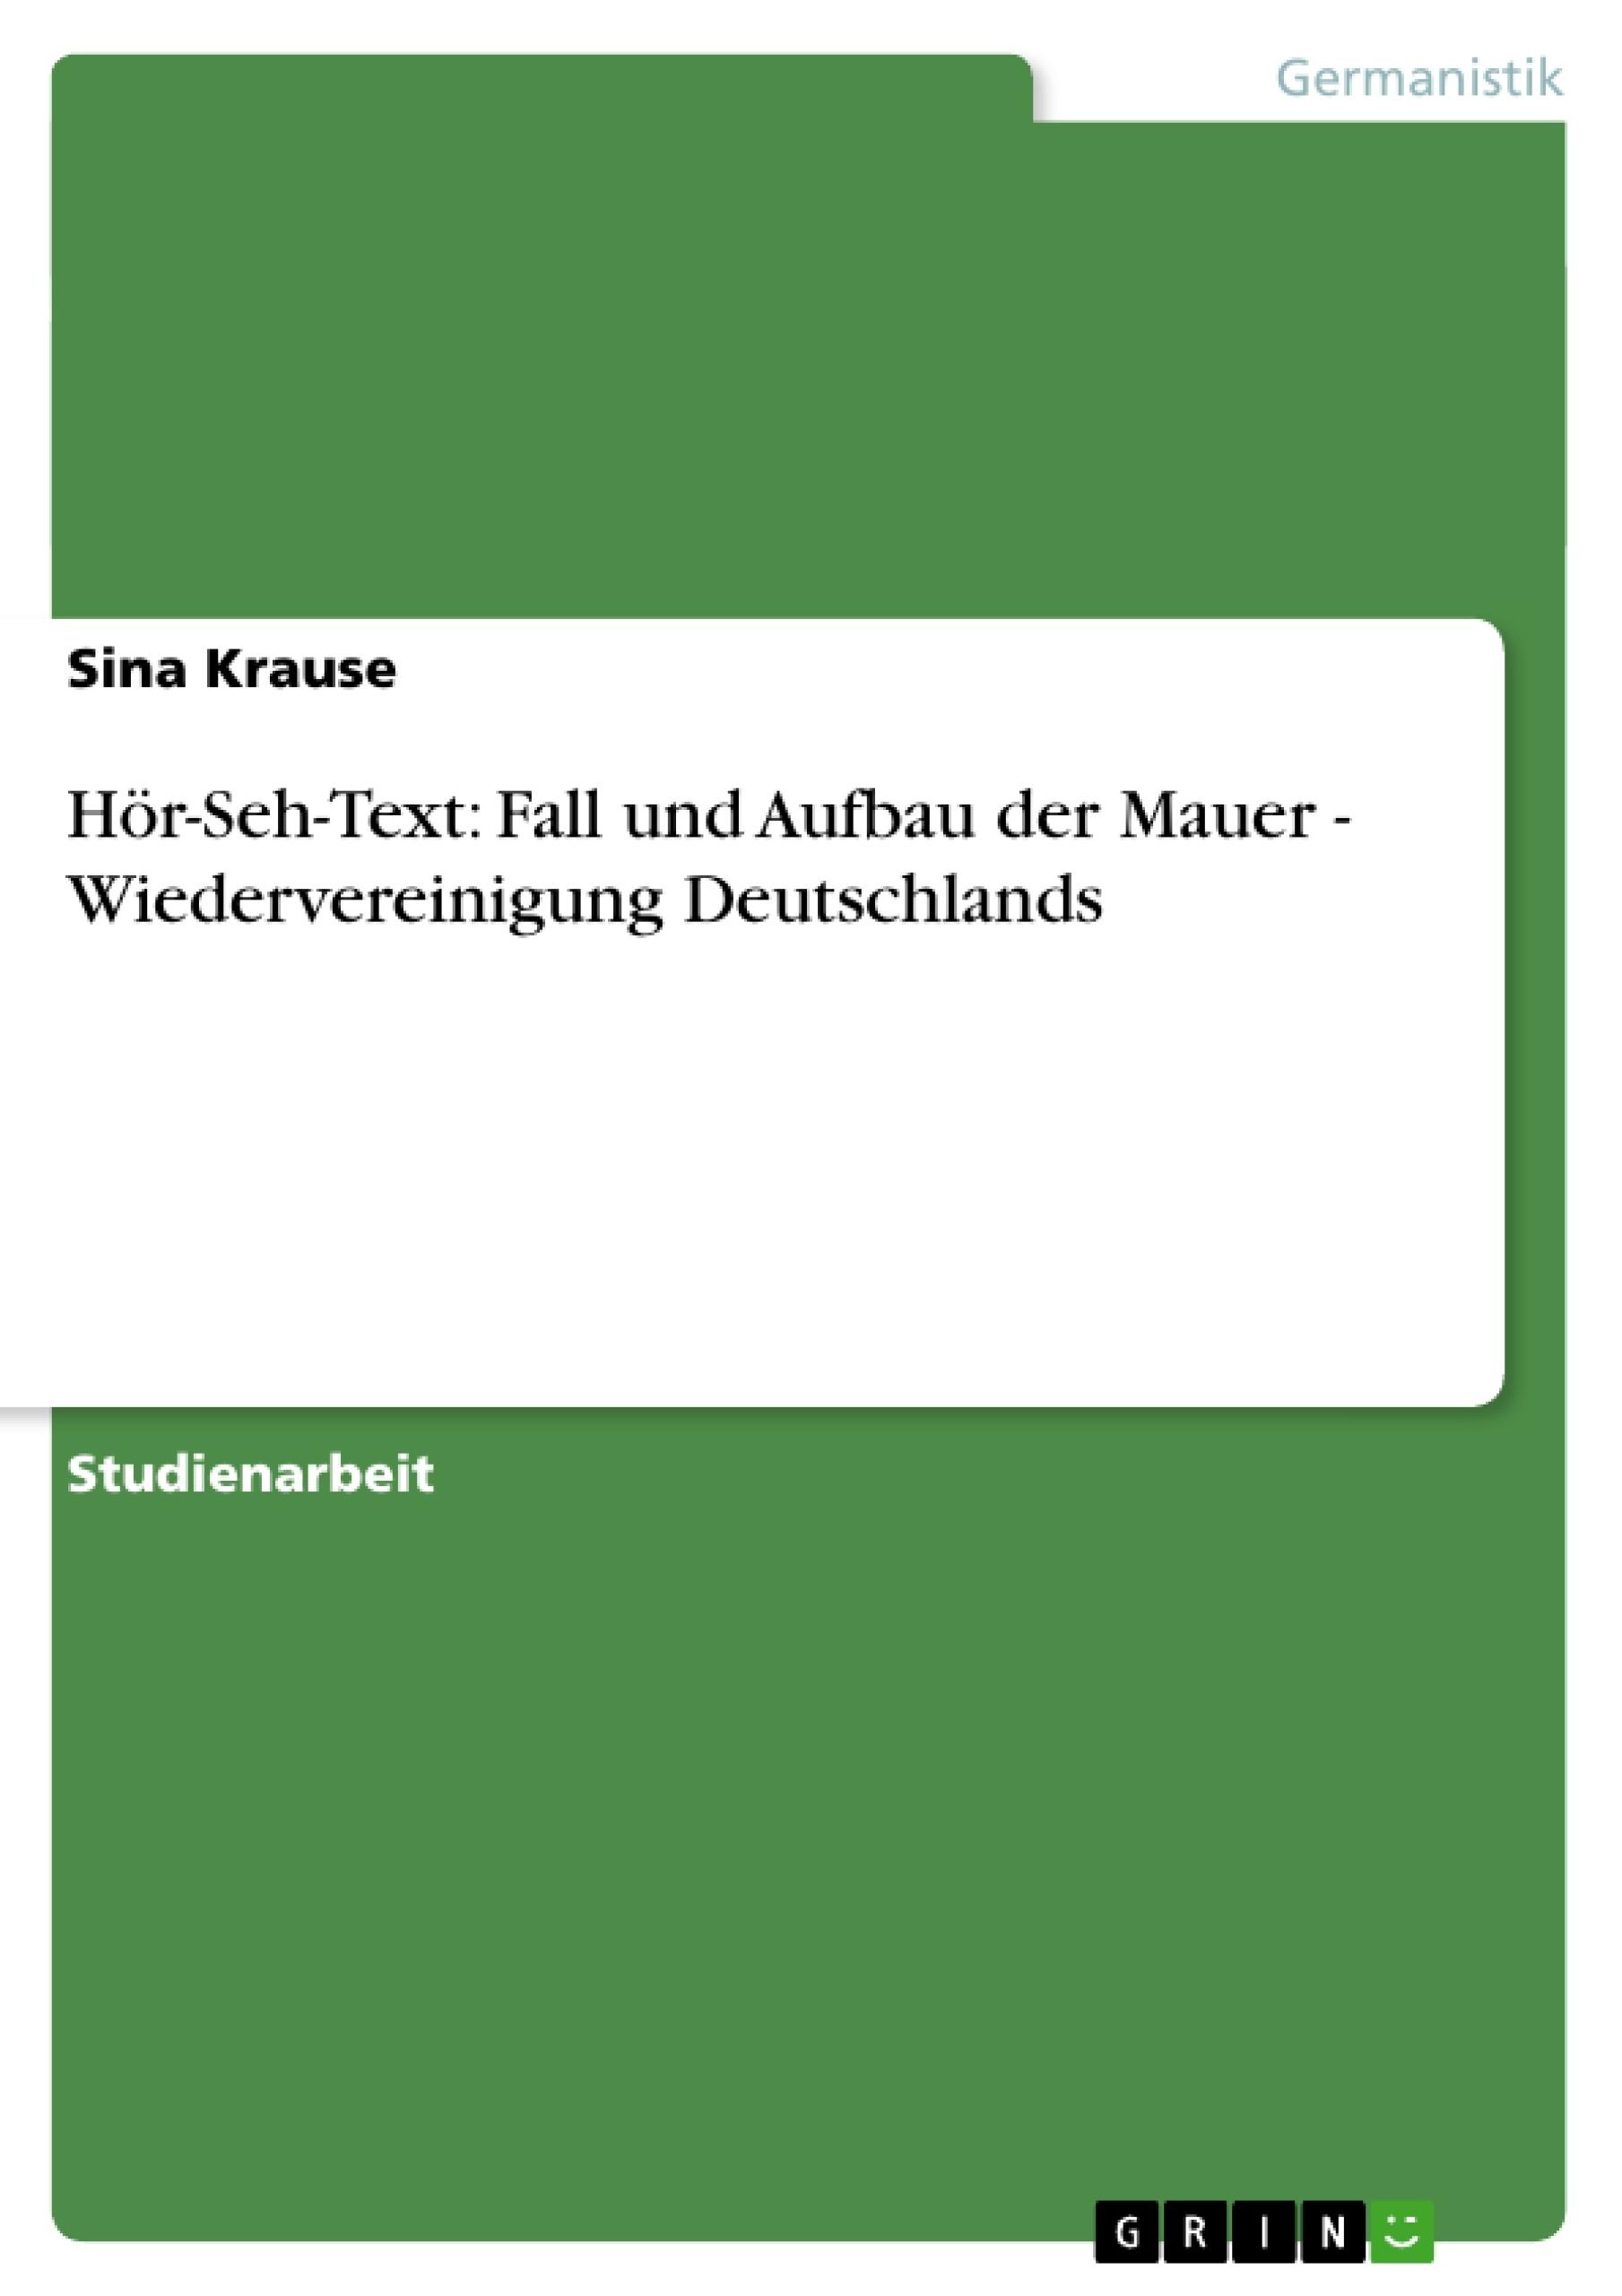 Titel: Hör-Seh-Text: Fall und Aufbau der Mauer - Wiedervereinigung Deutschlands